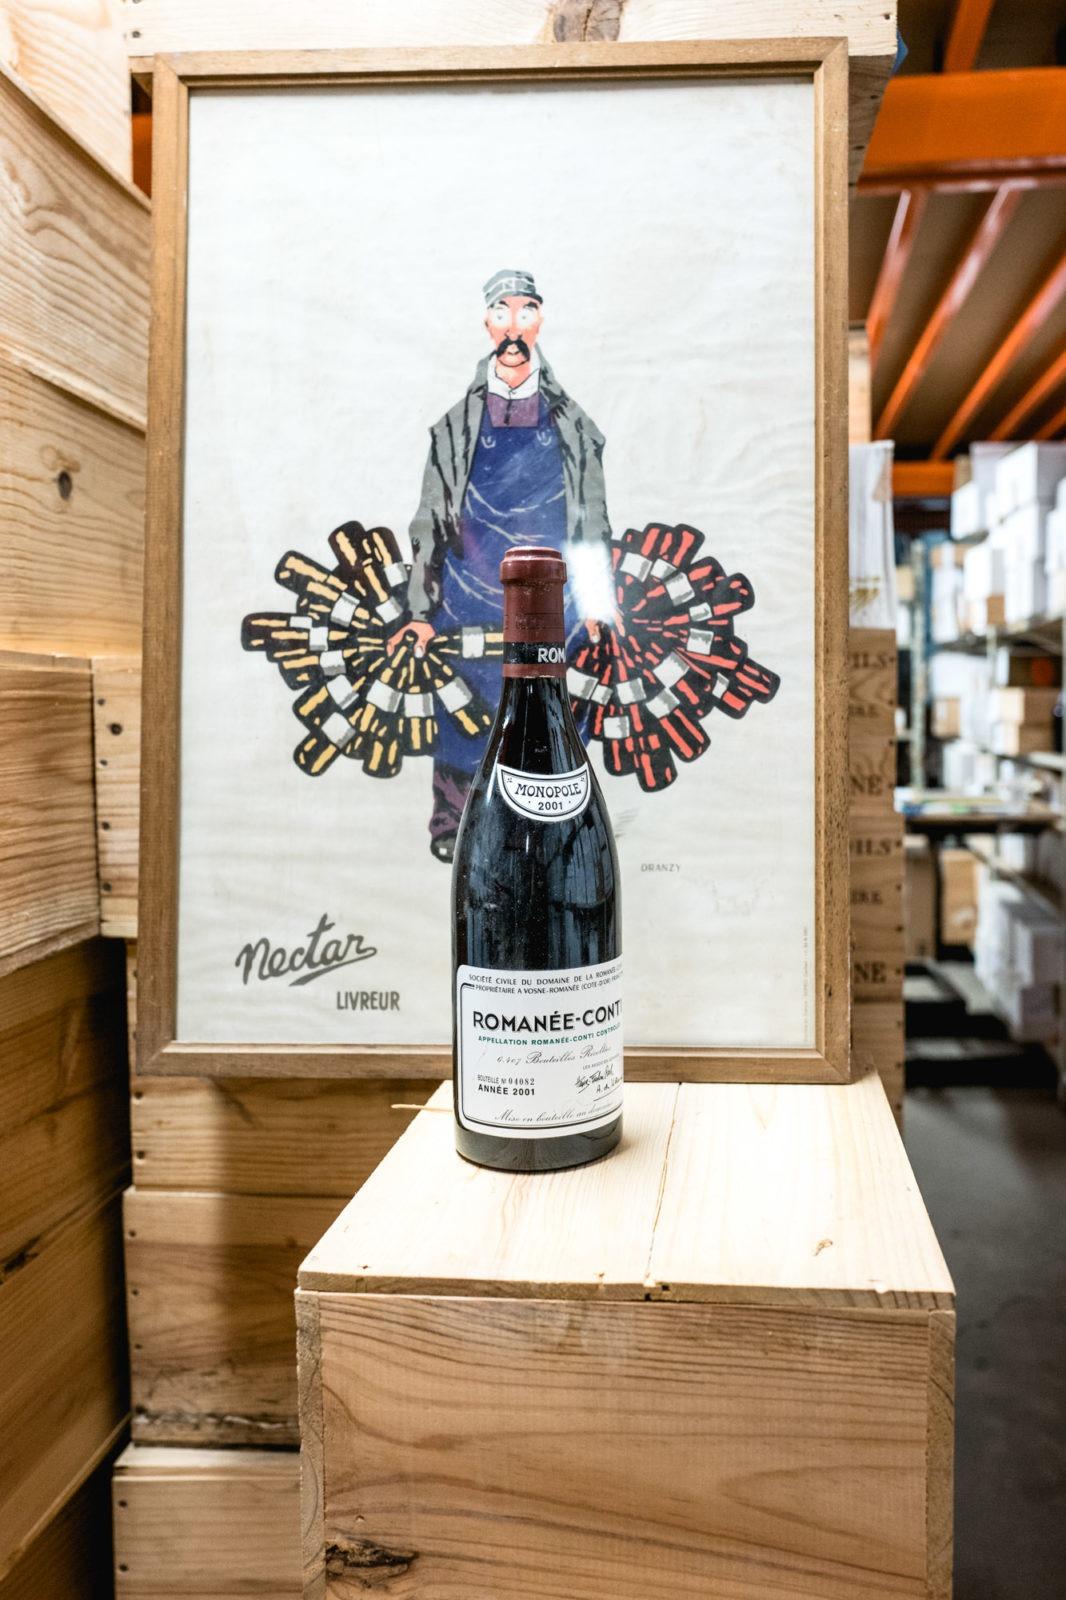 Tajan - Vente de vins et spiritueux du jeudi 25 avril 2019